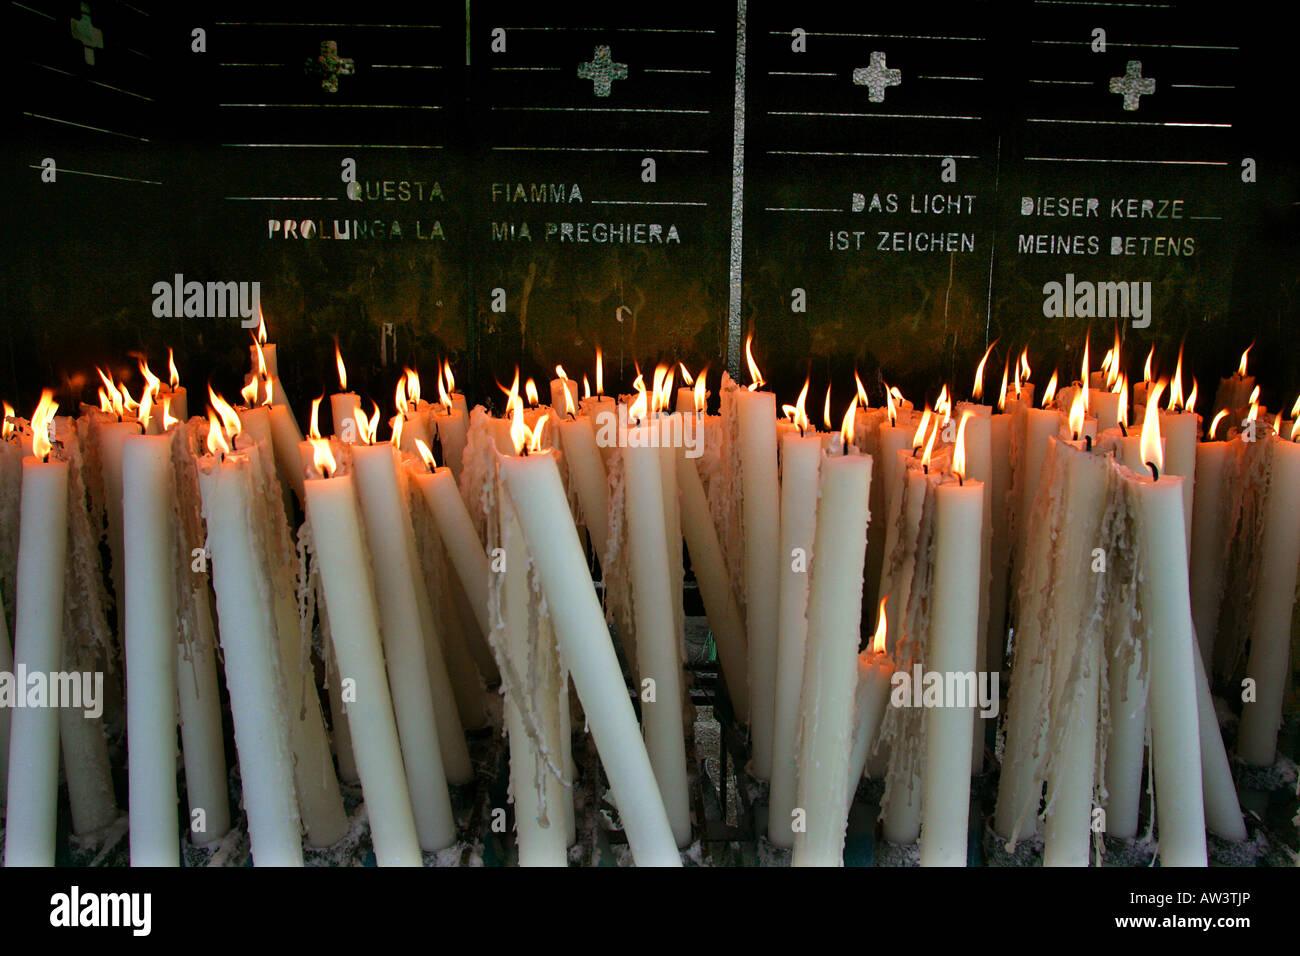 Kerzen brennen zu lieben in Lourdes in Frankreich erinnern. Stockbild